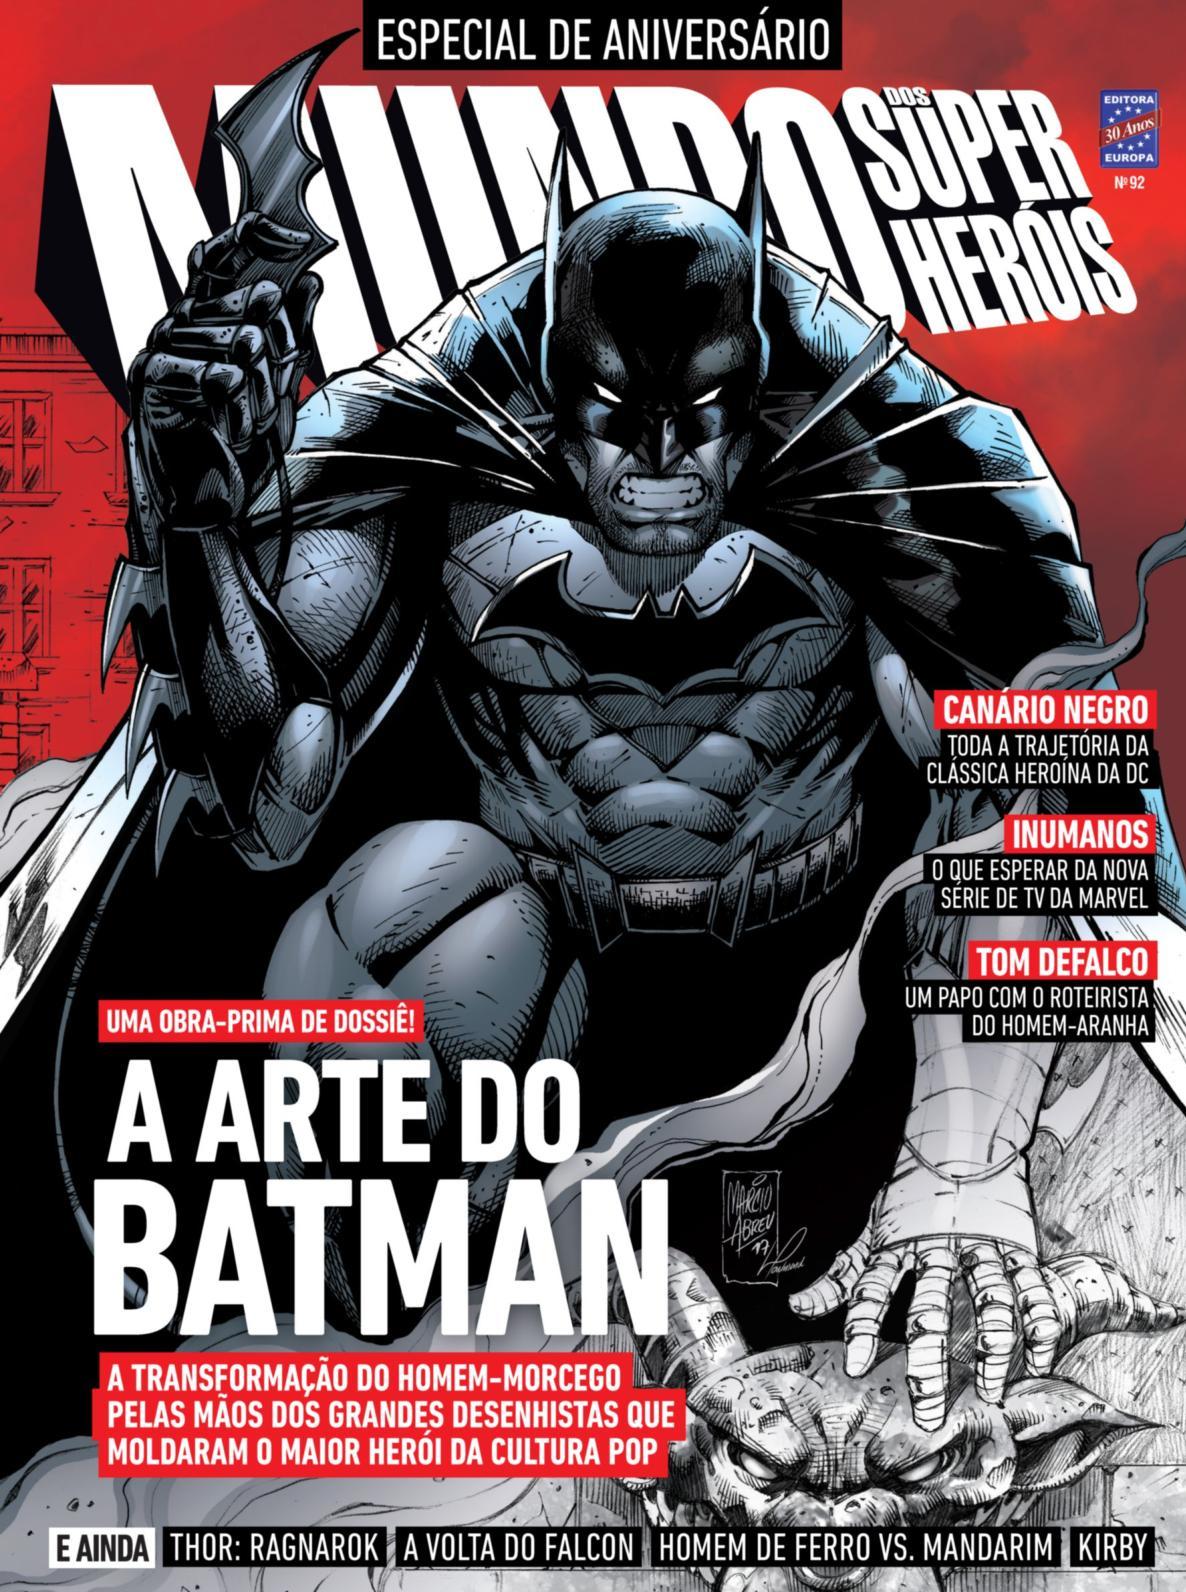 Calaméo - Revista Mundo dos Super Heróis │Edição 92 │Agosto 2017 4162a8303d3